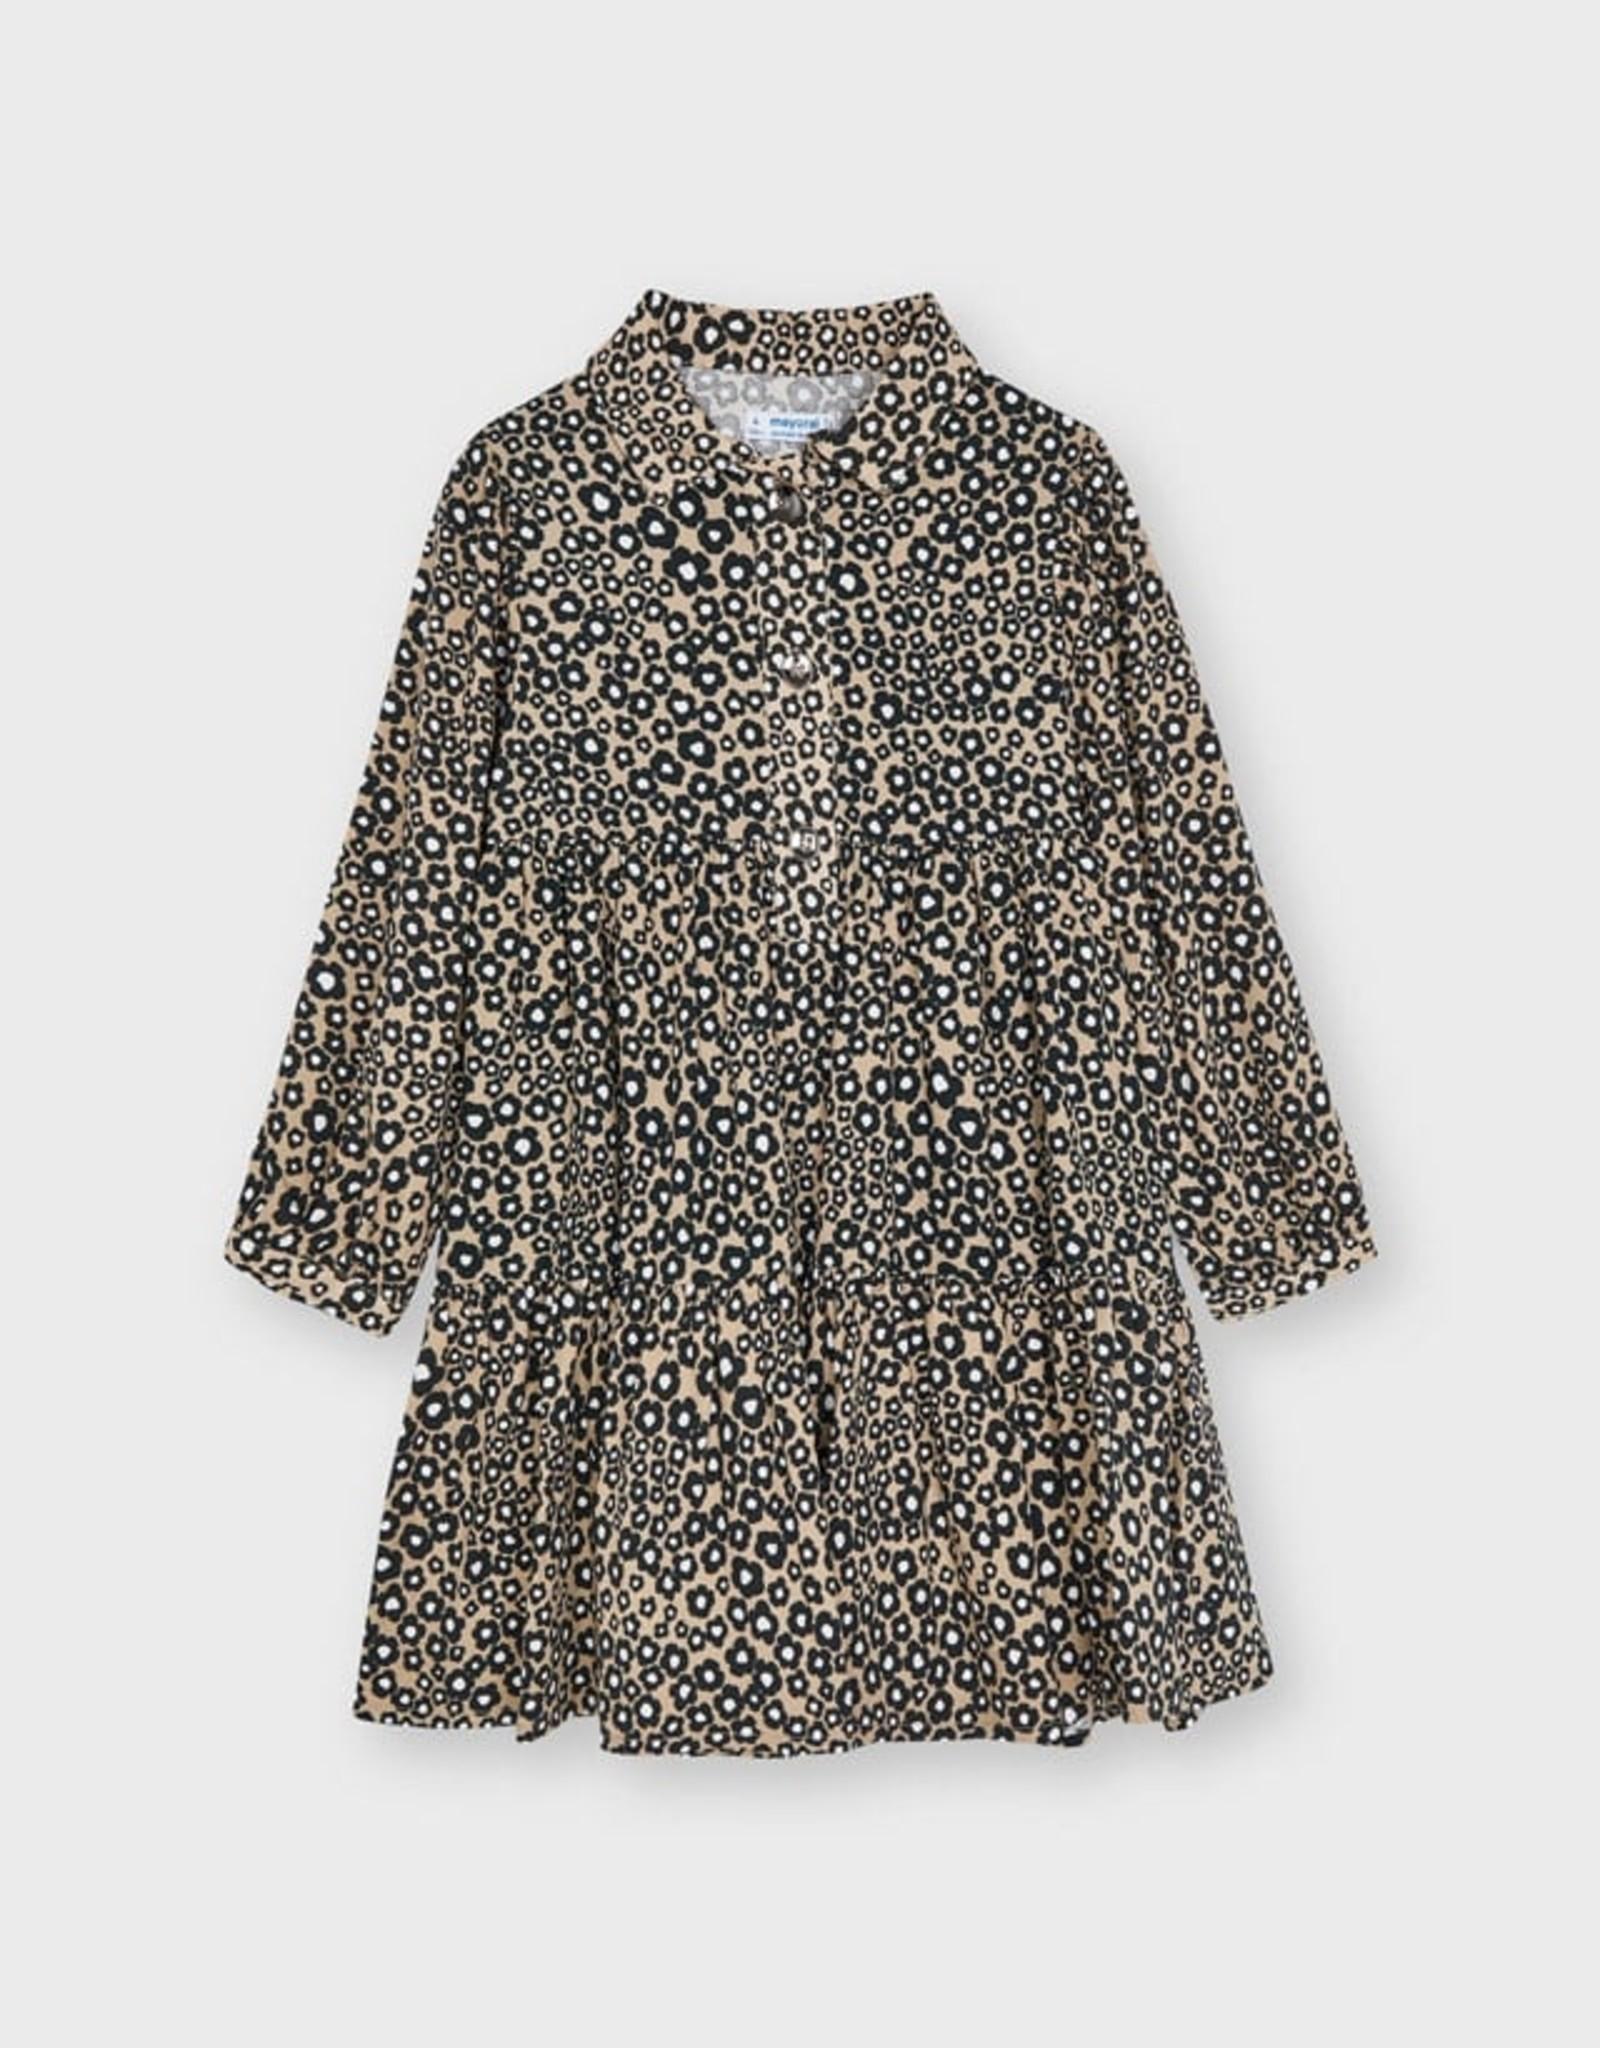 Mayoral FA21 G Leopard Print Dress